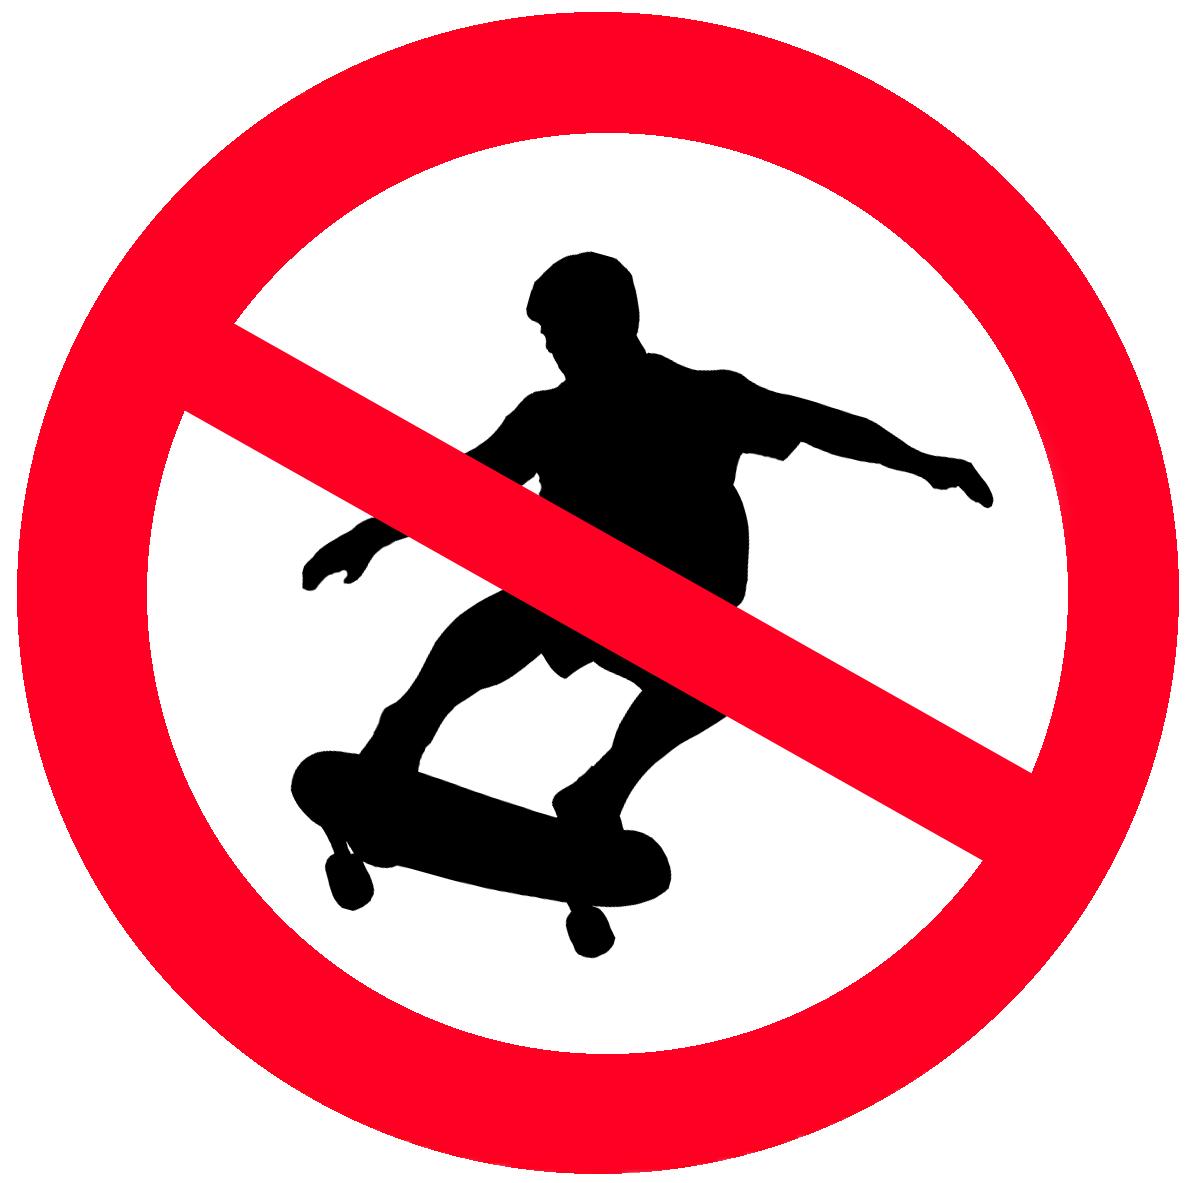 No Skate Clipart.